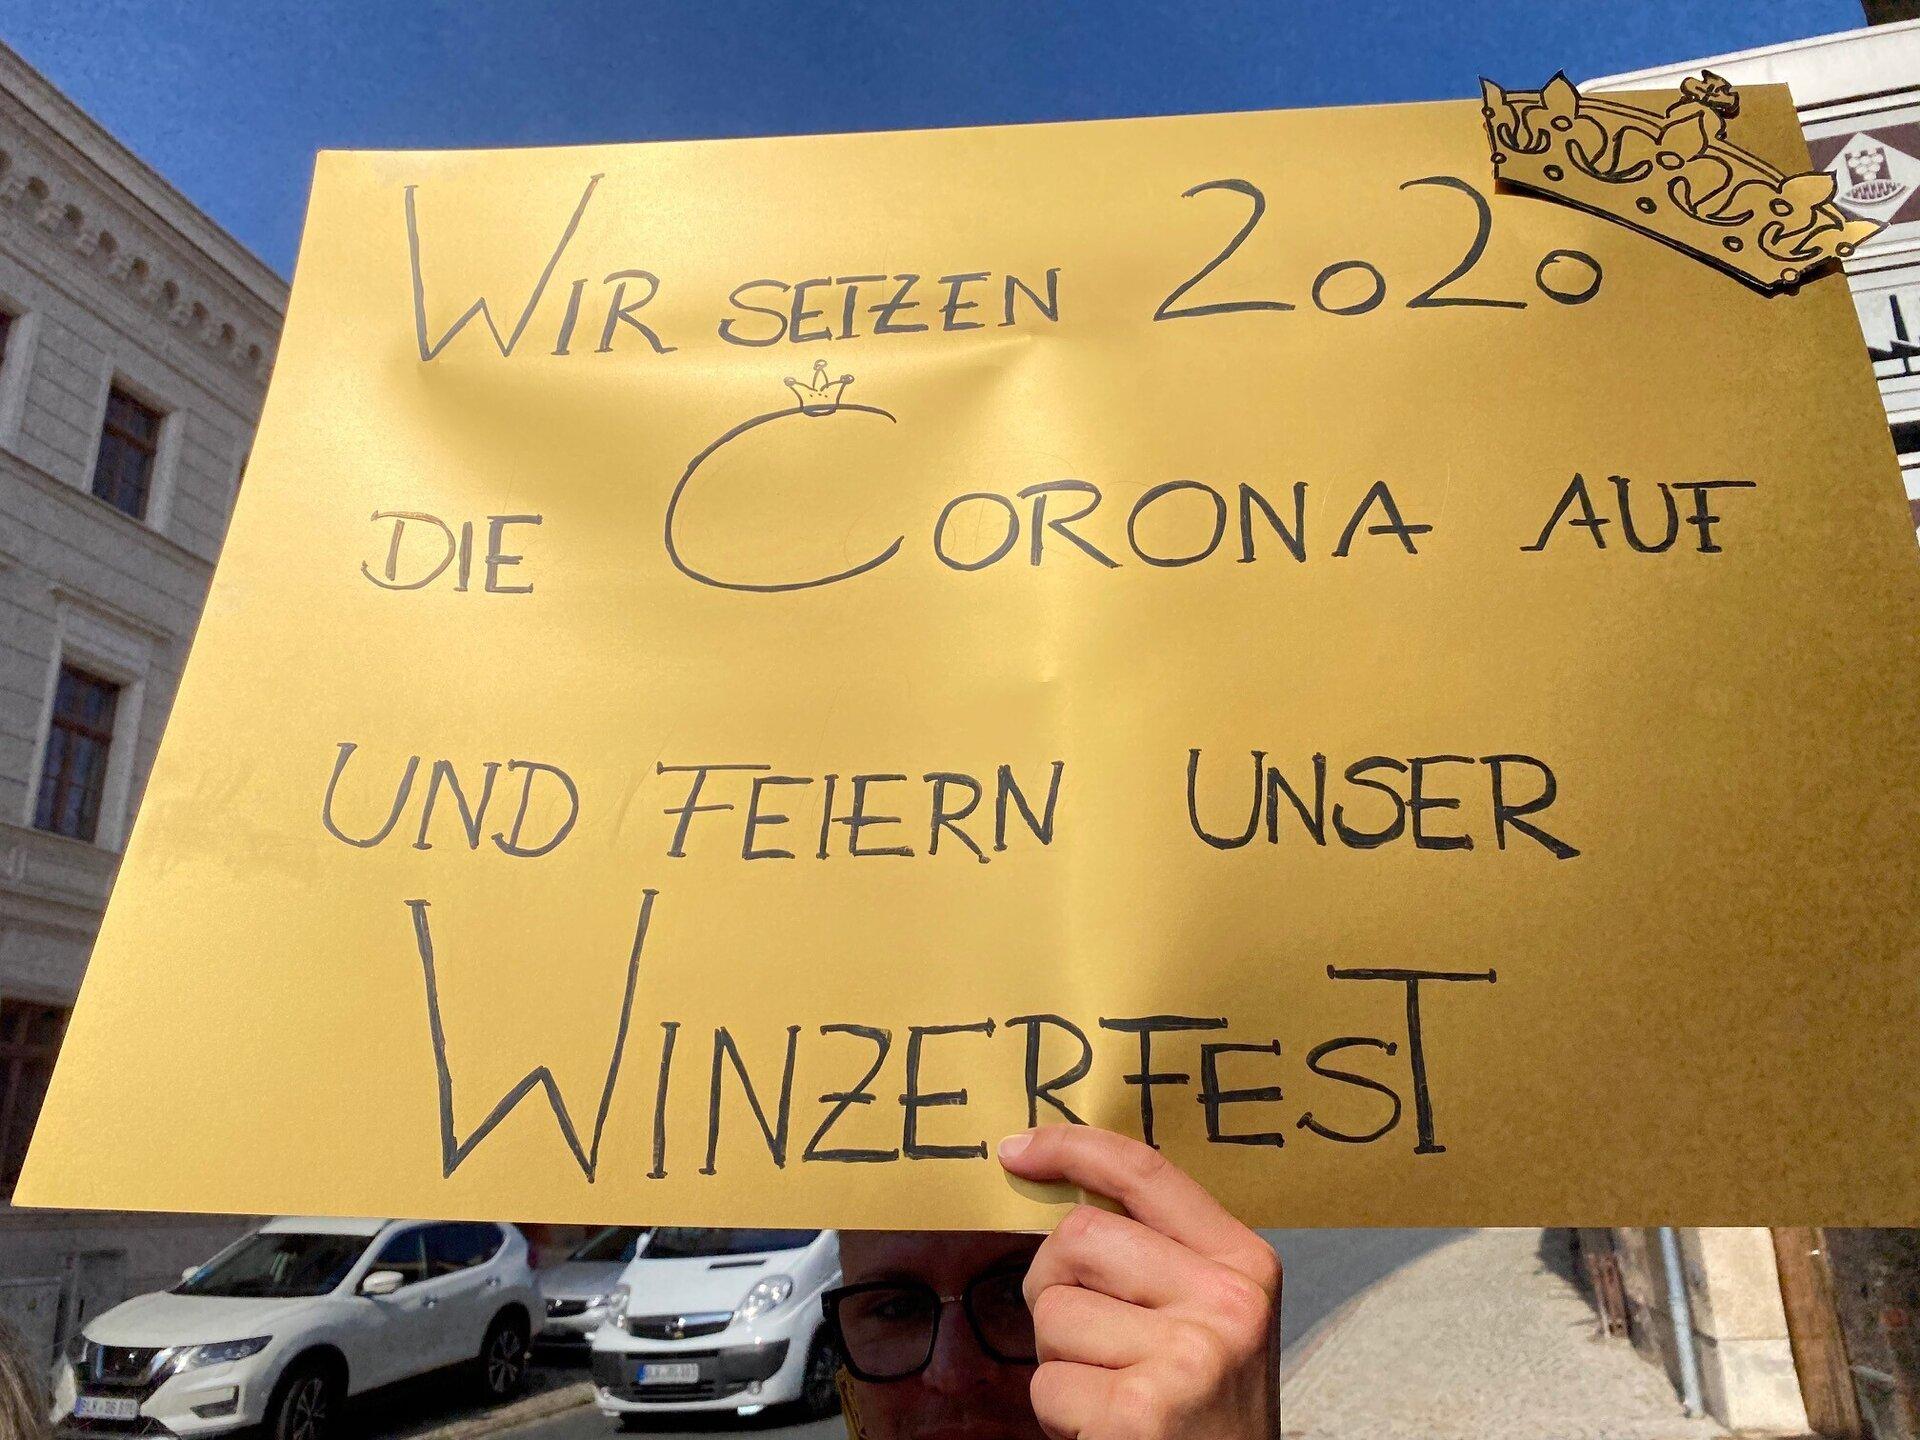 Winzerfest-Umzug